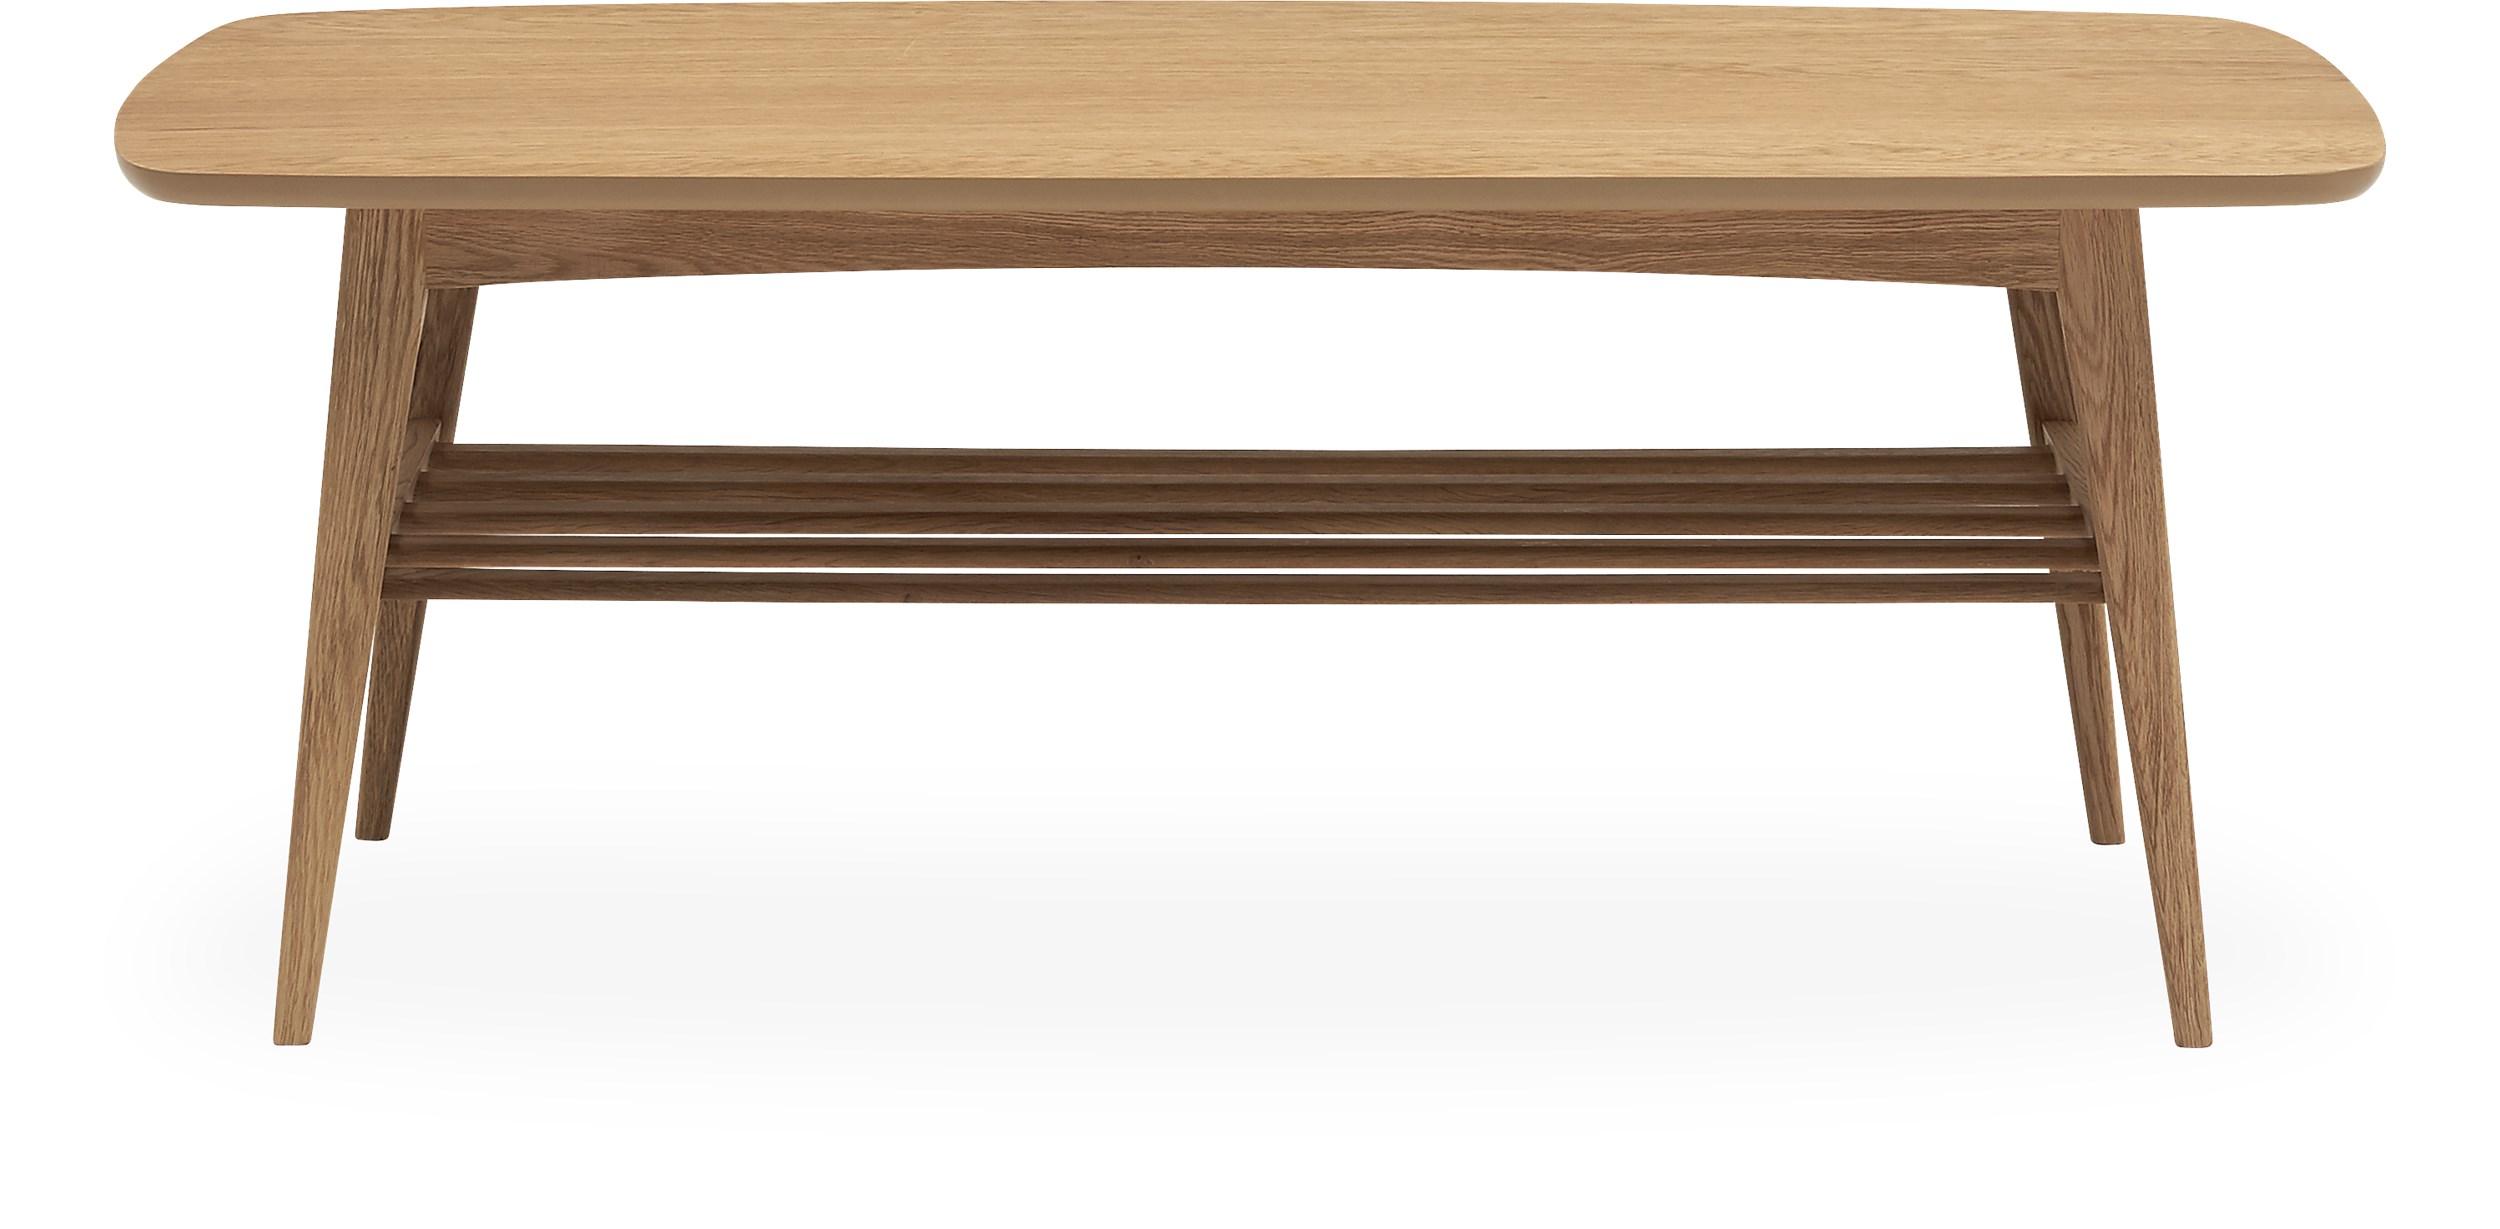 Woodstock Sofabord 120 x 47 x 60 cm